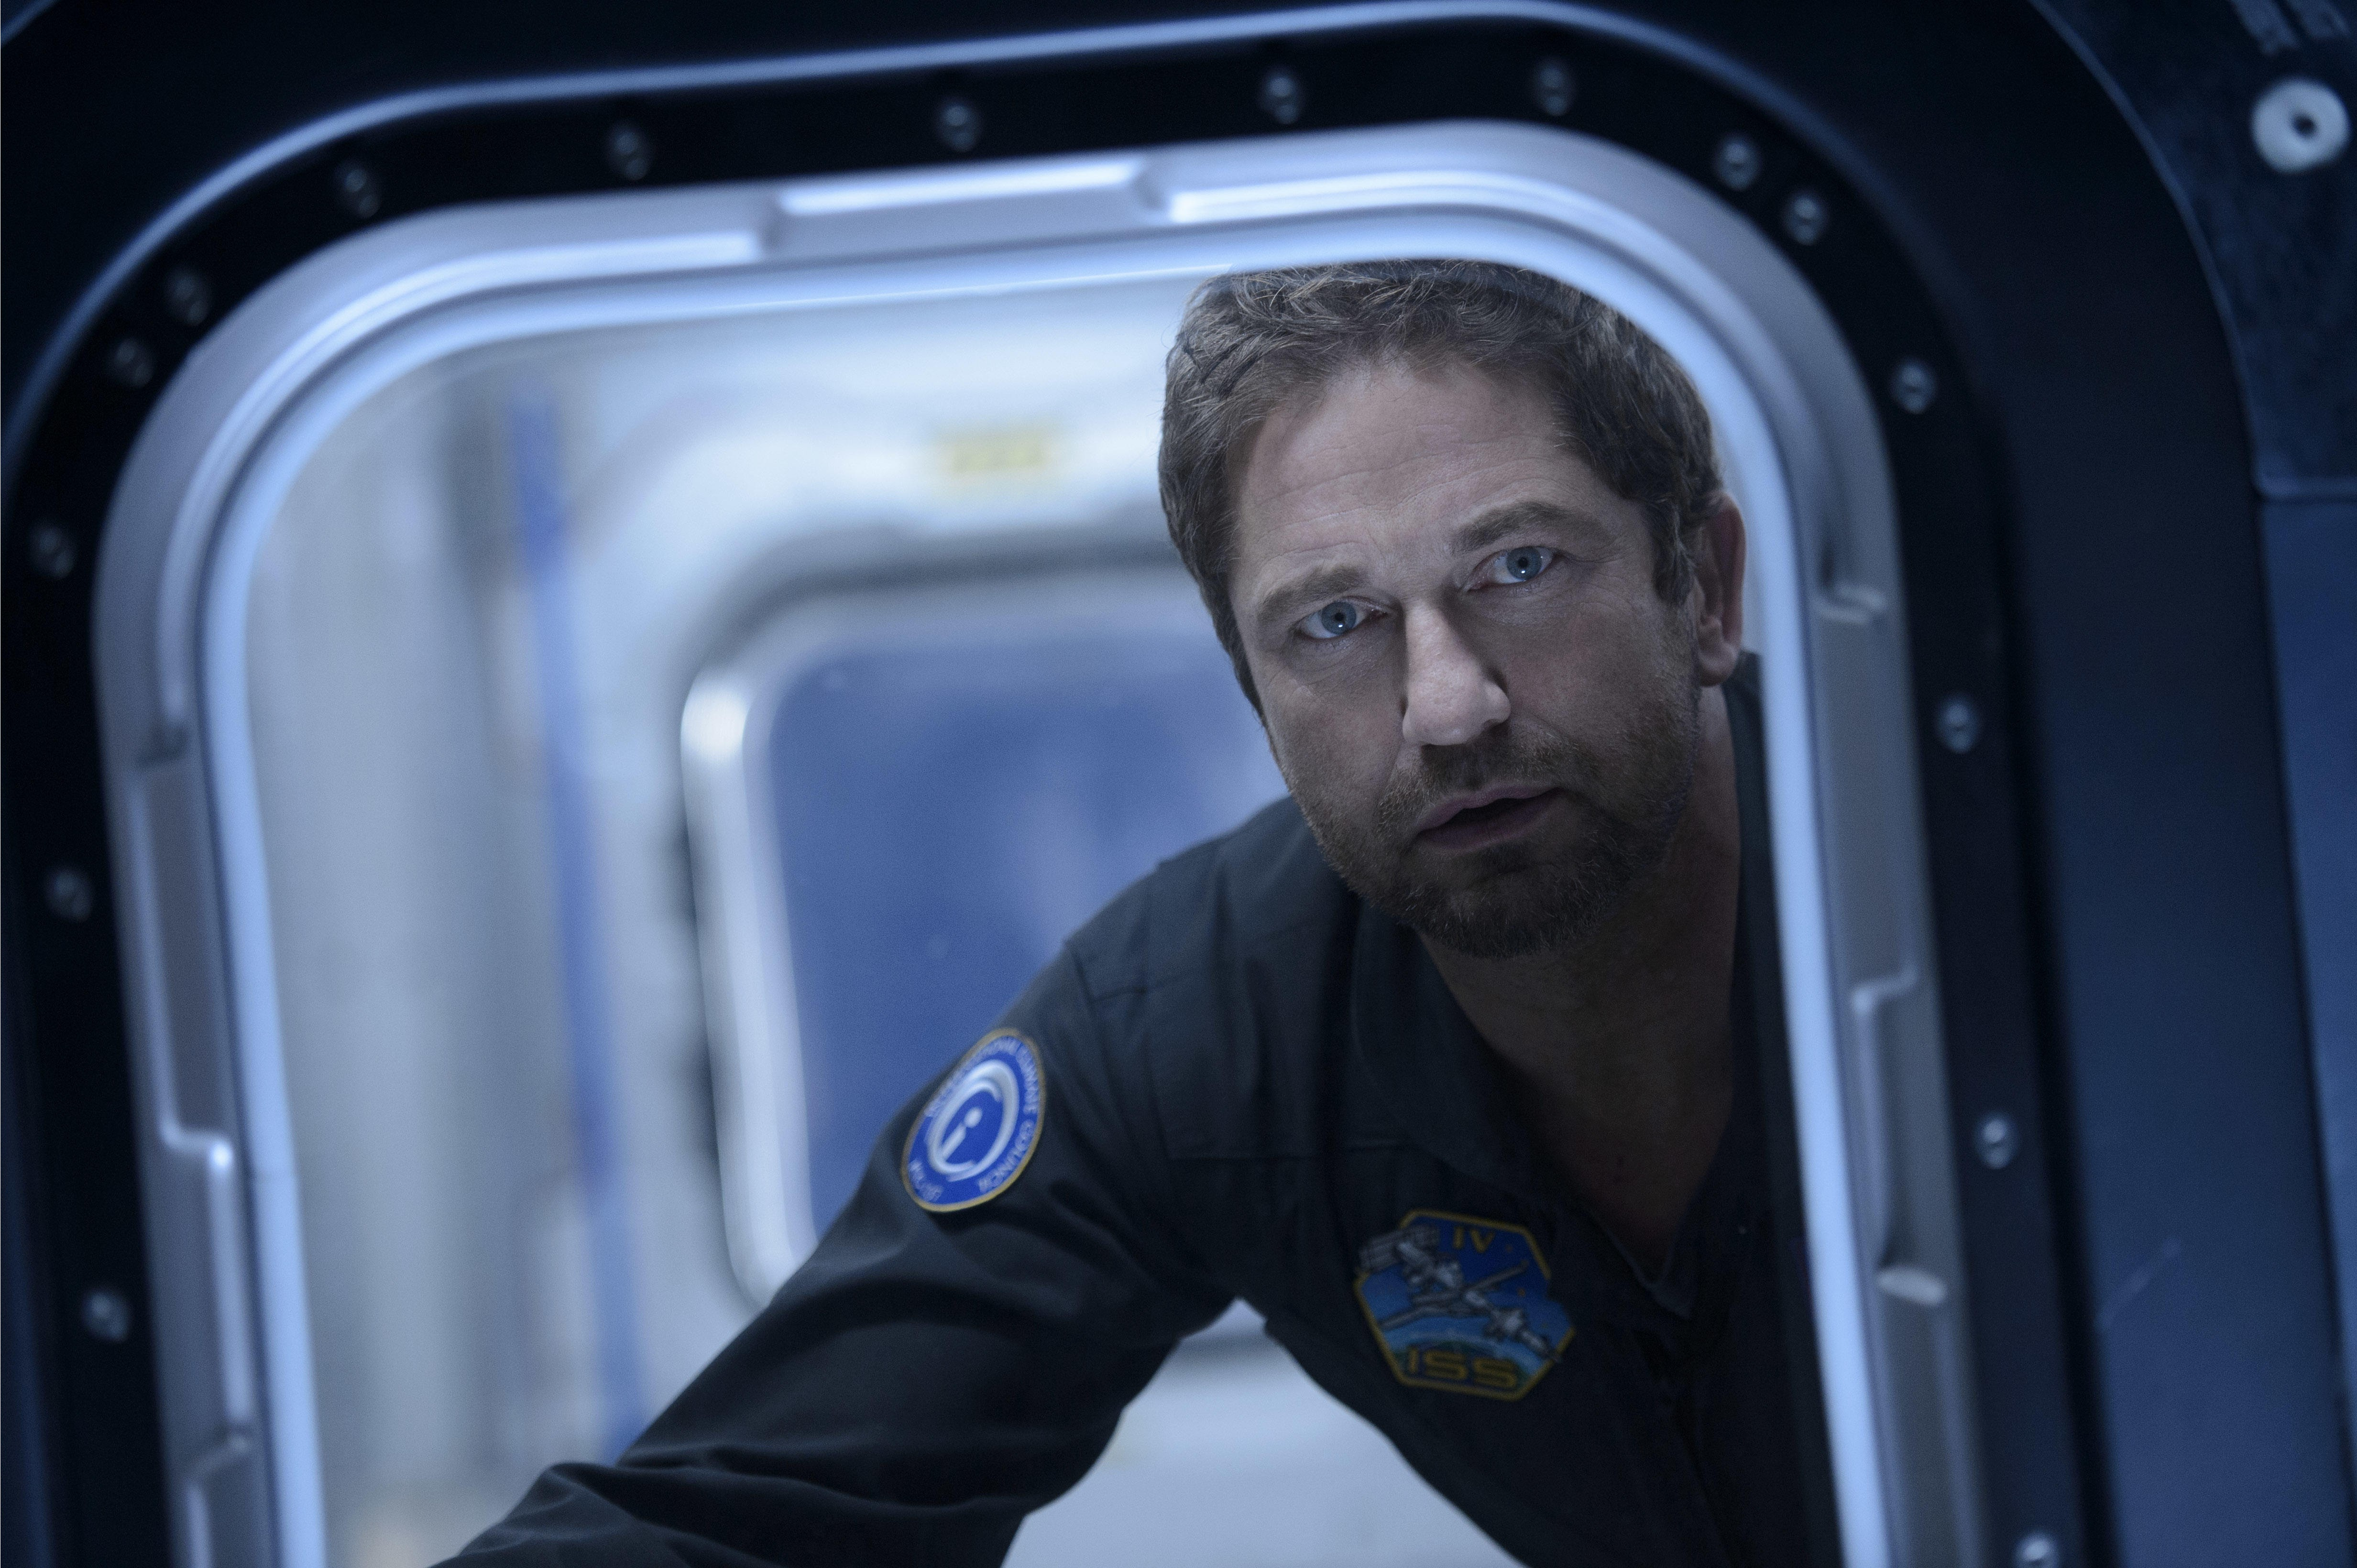 Box Office : 10月20日~22日の全米映画ボックスオフィスBEST10の第2位 ...